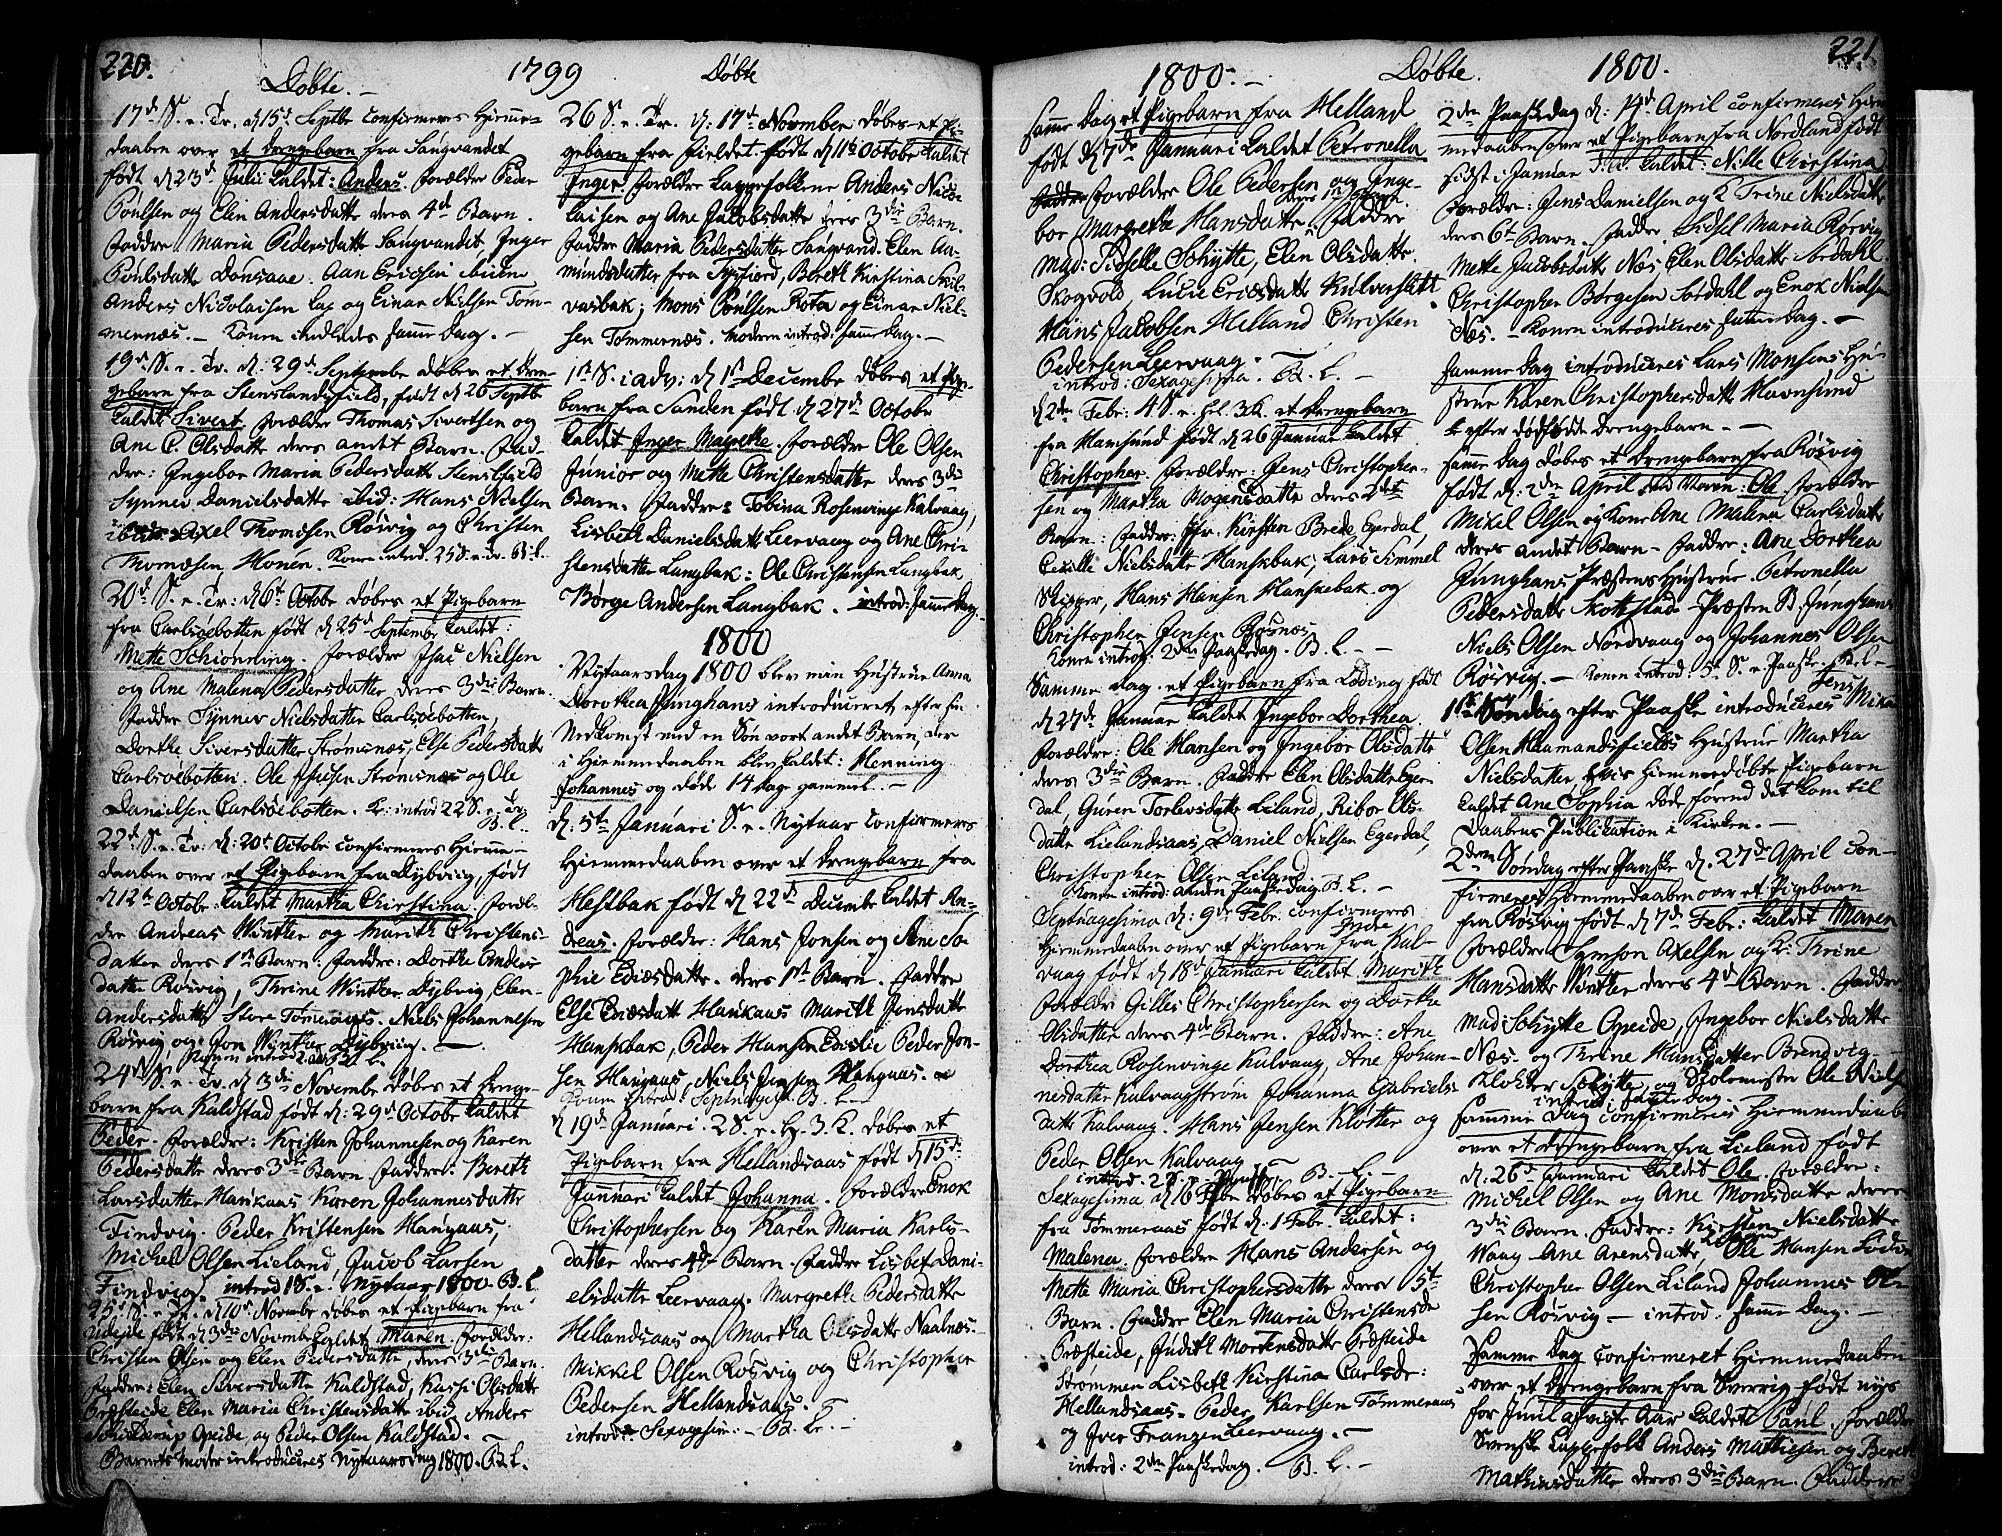 SAT, Ministerialprotokoller, klokkerbøker og fødselsregistre - Nordland, 859/L0841: Parish register (official) no. 859A01, 1766-1821, p. 220-221